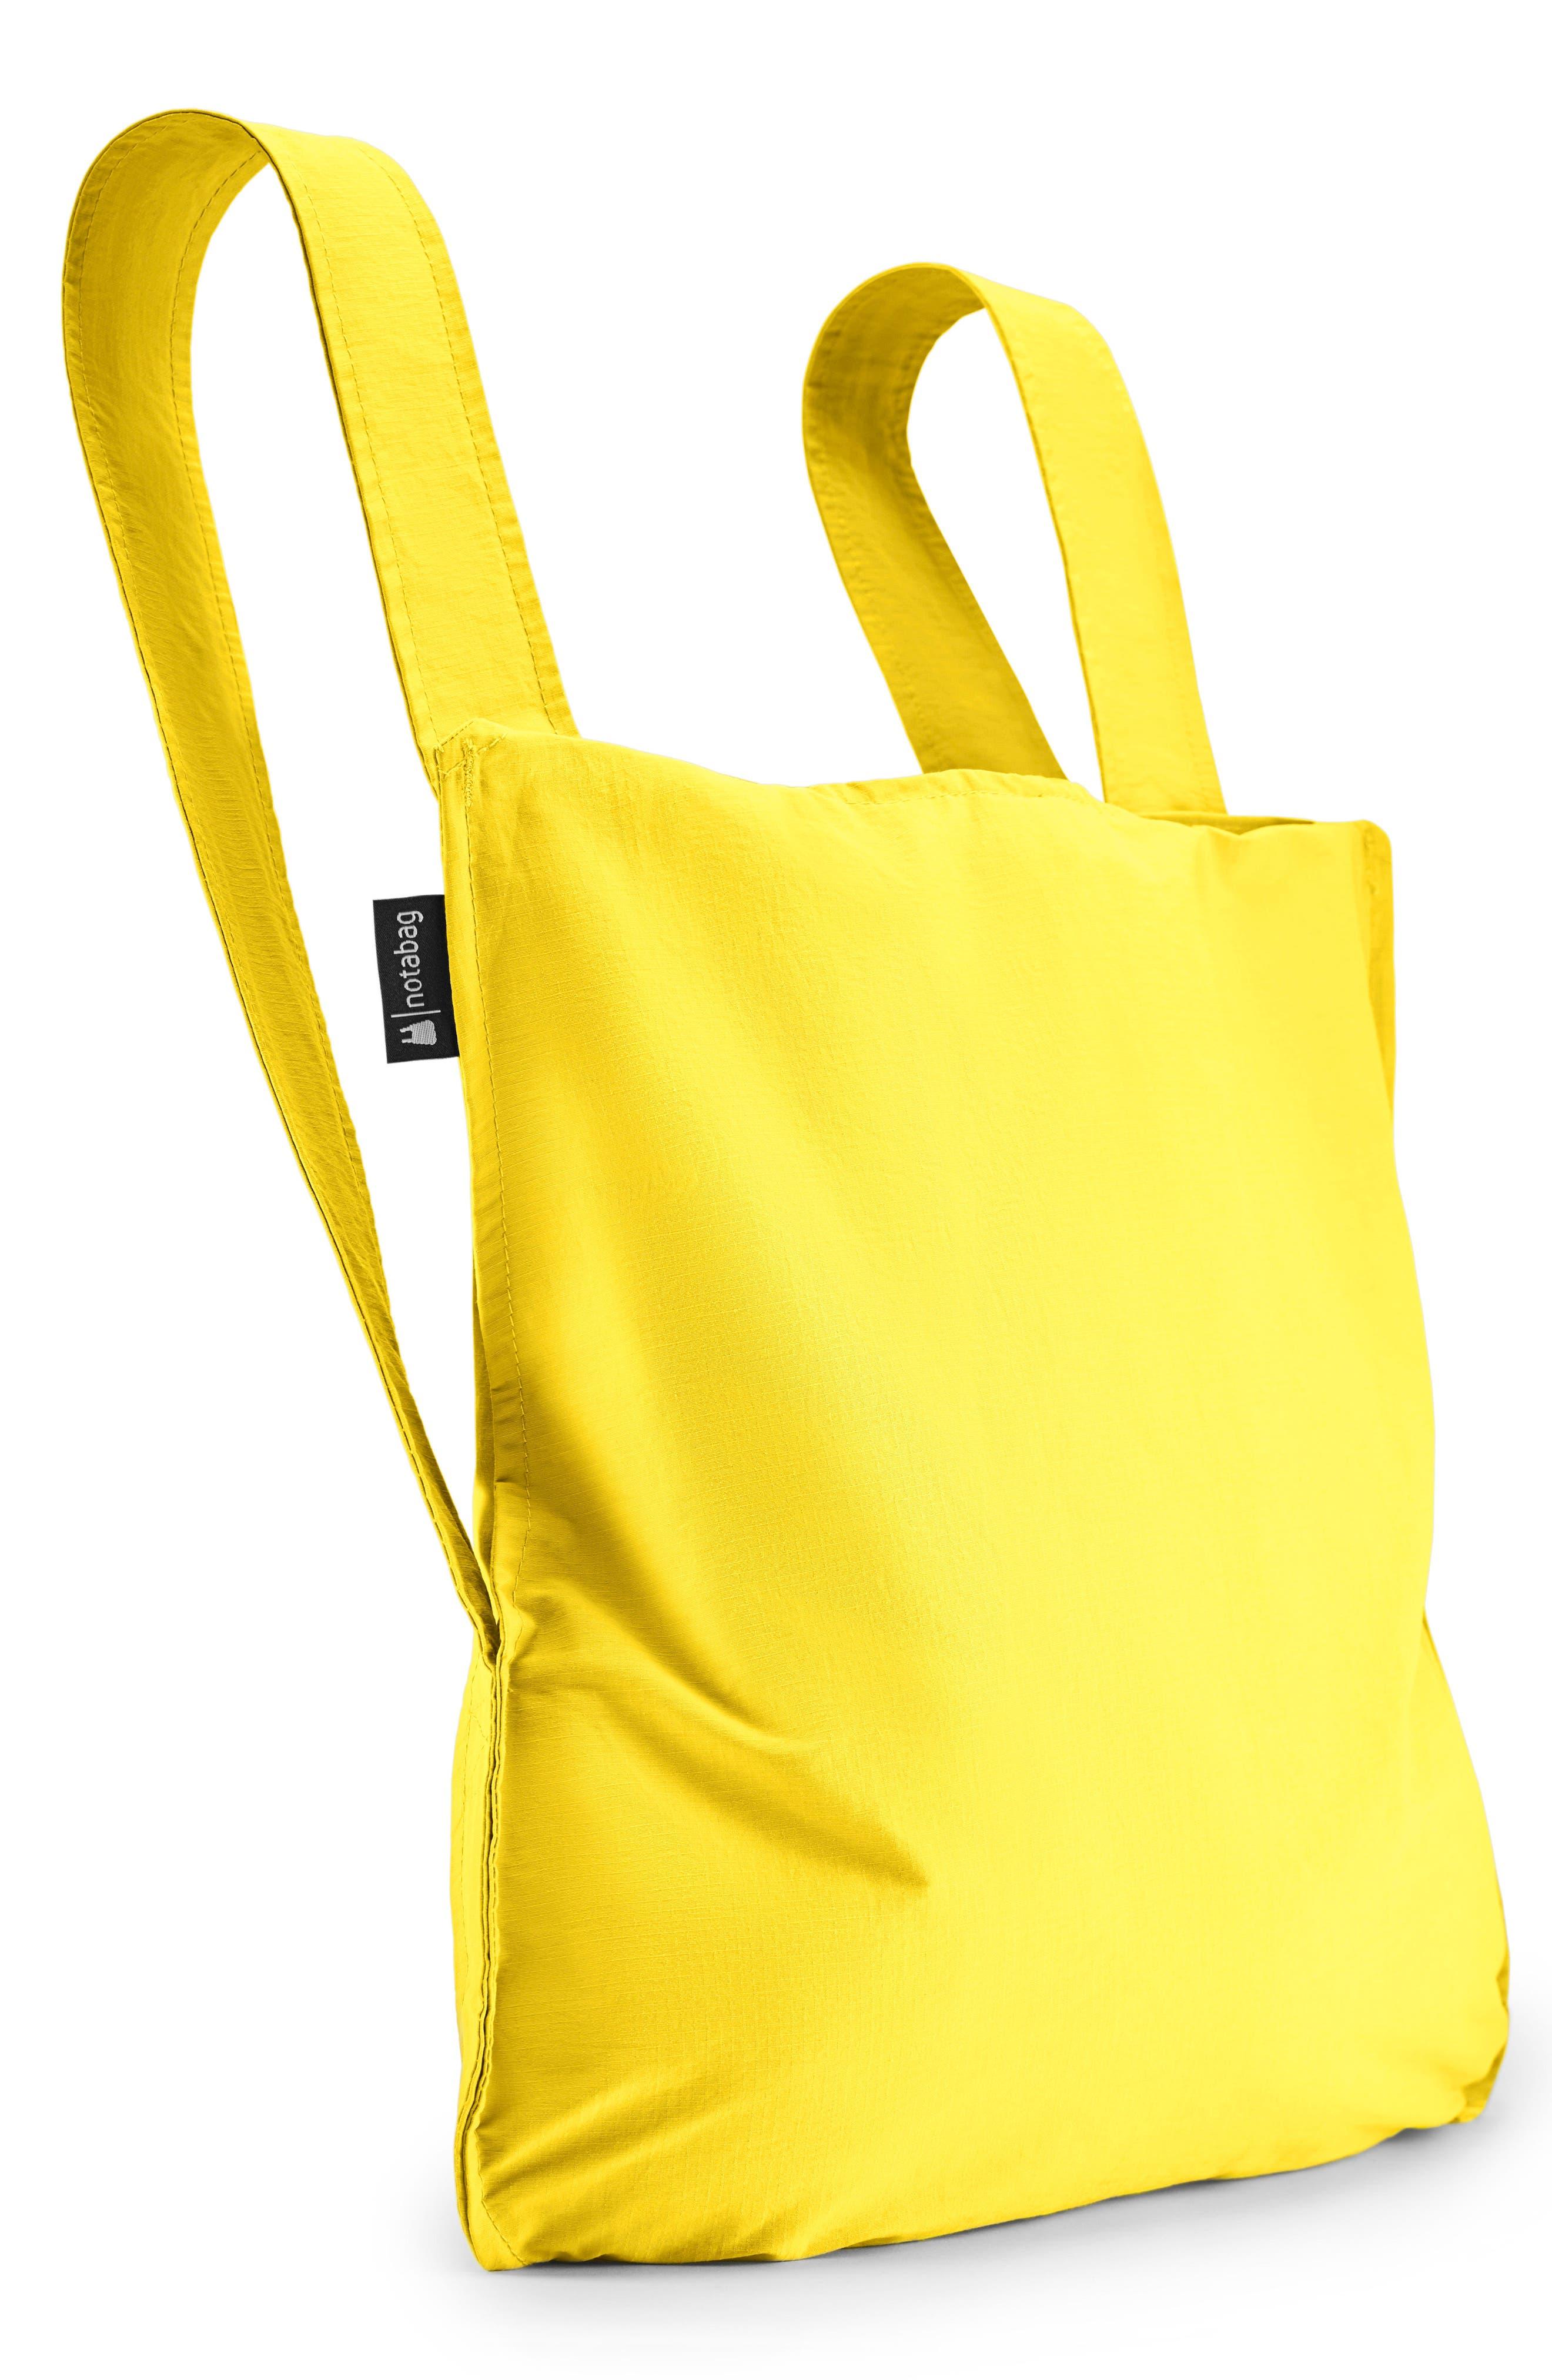 Convertible Tote Backpack,                             Main thumbnail 1, color,                             YELLOW